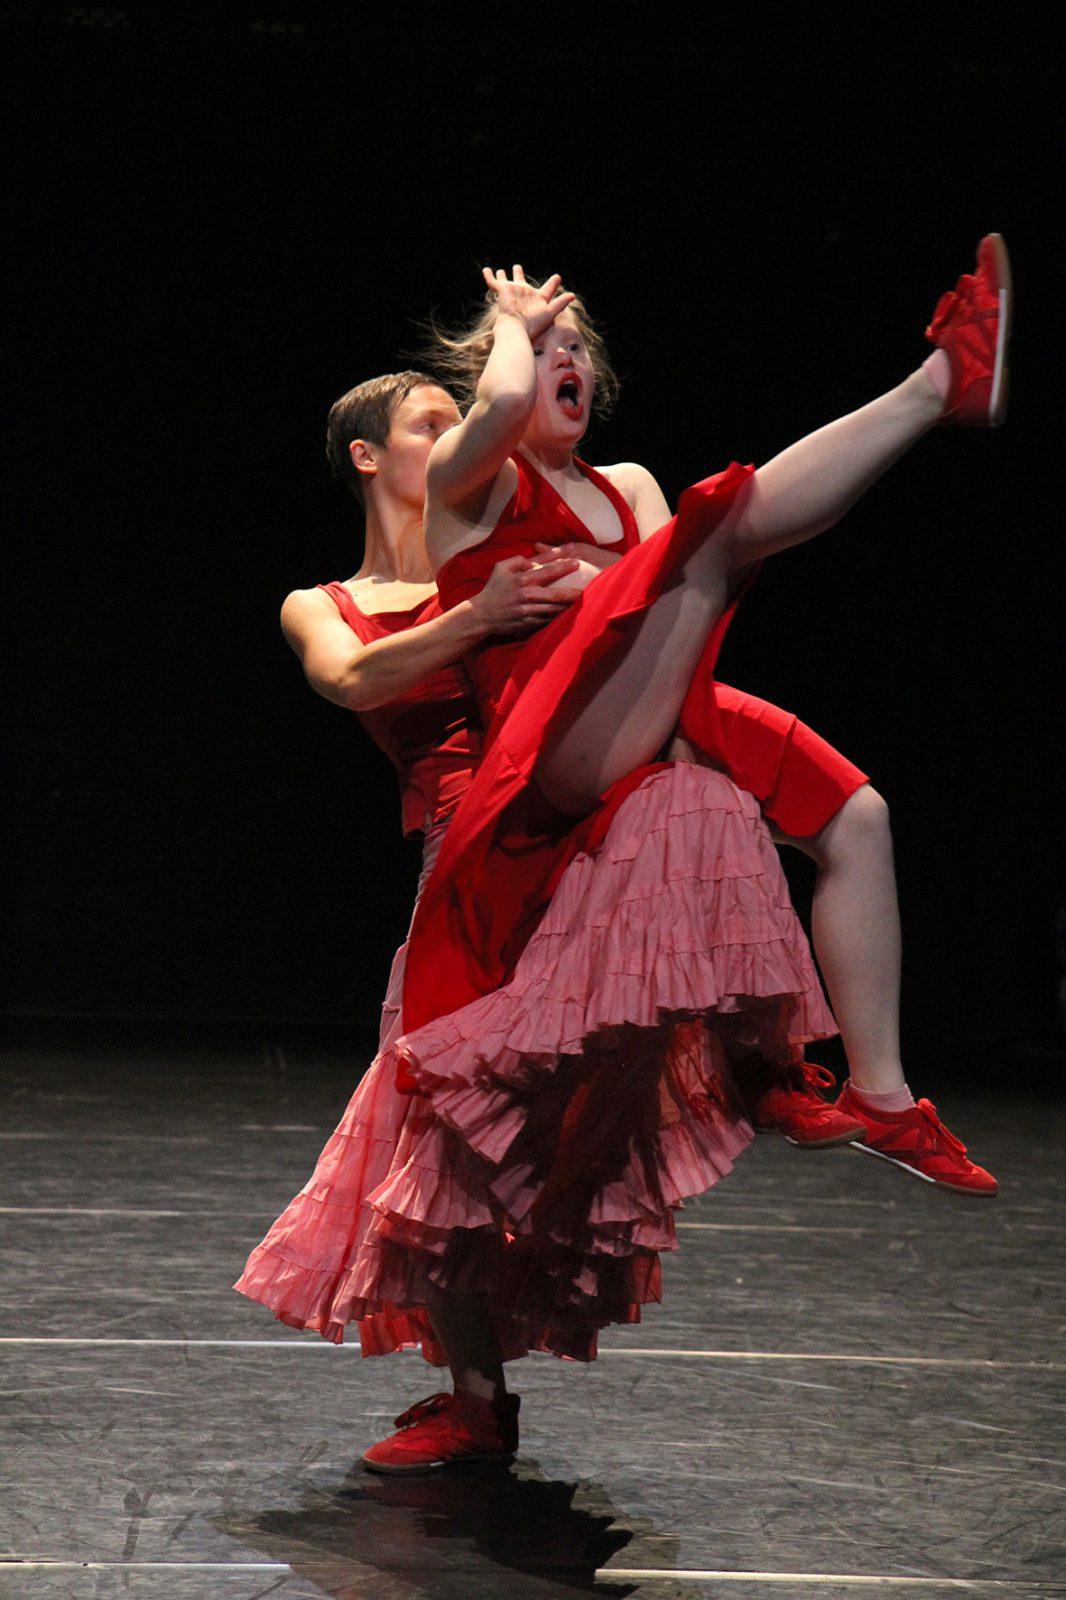 eine Tänzerin hebt eine andere Tänzerin